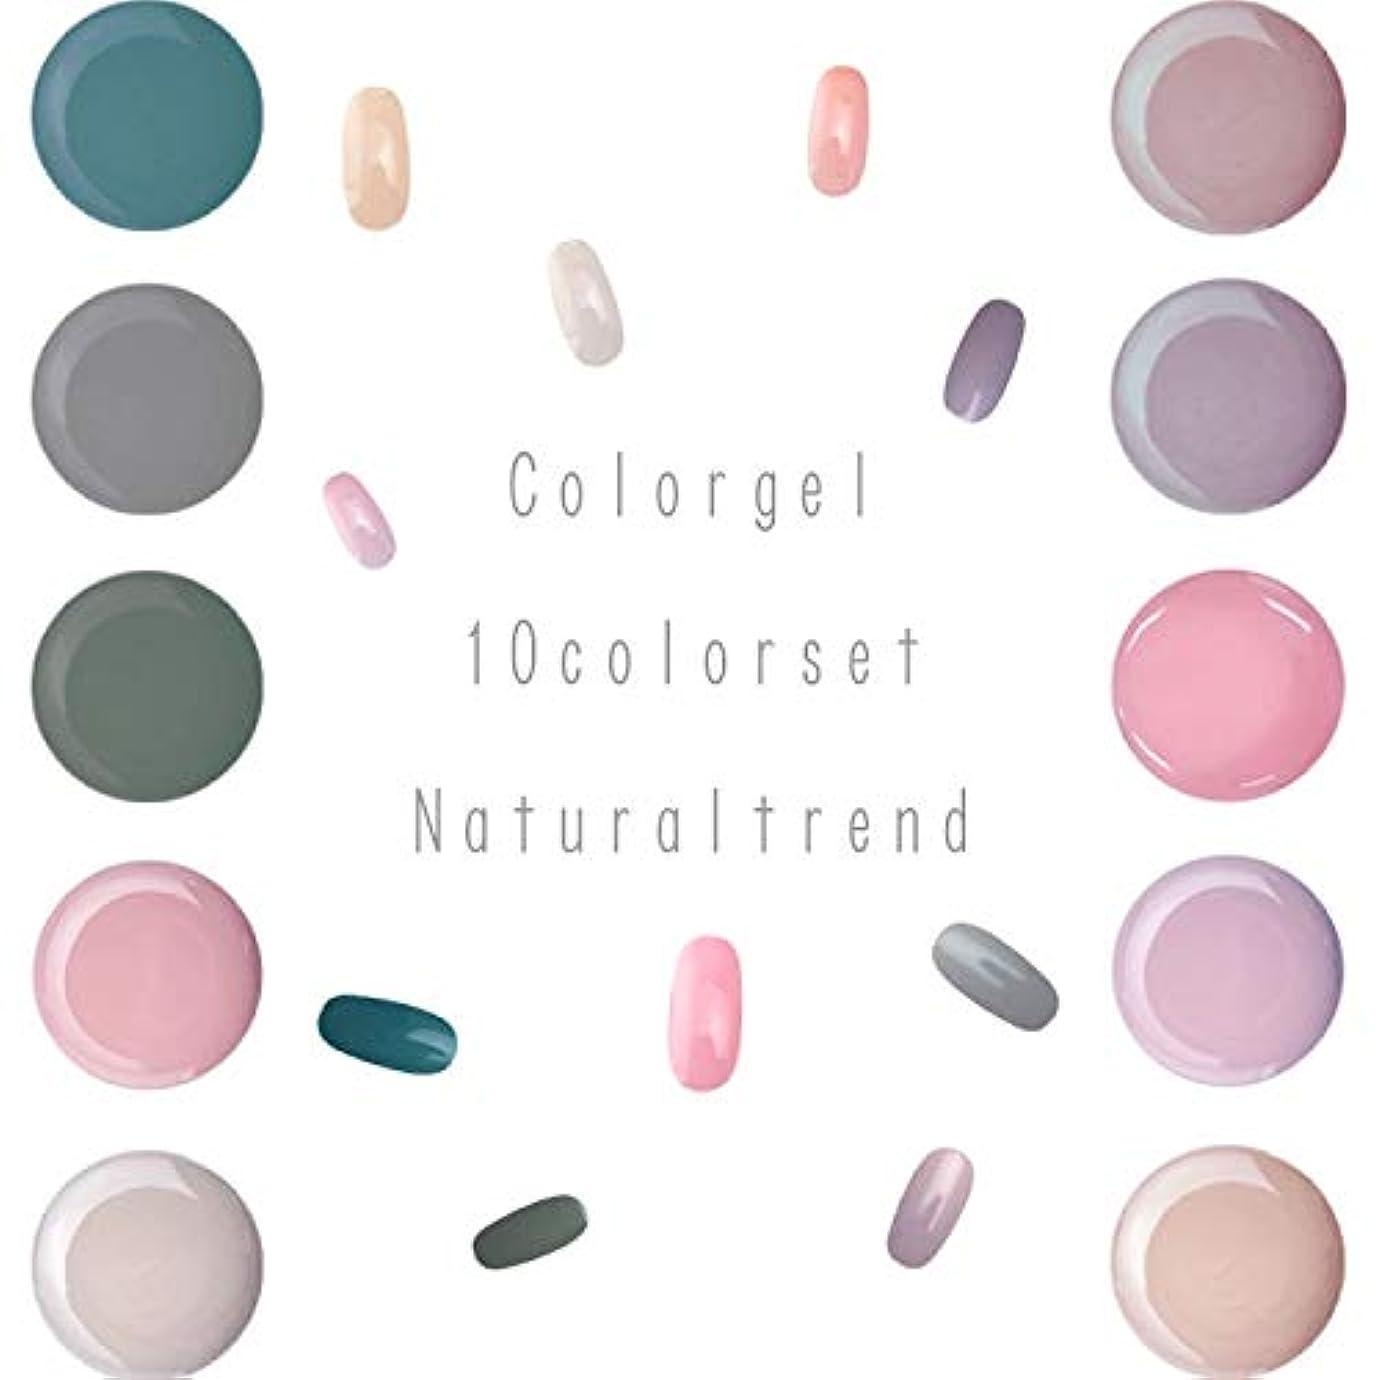 シロクマ裁量飼いならすNaturalTrend ジェルネイル 10色セット カラージェル カラージェルセット ジェルセット (Dセット)